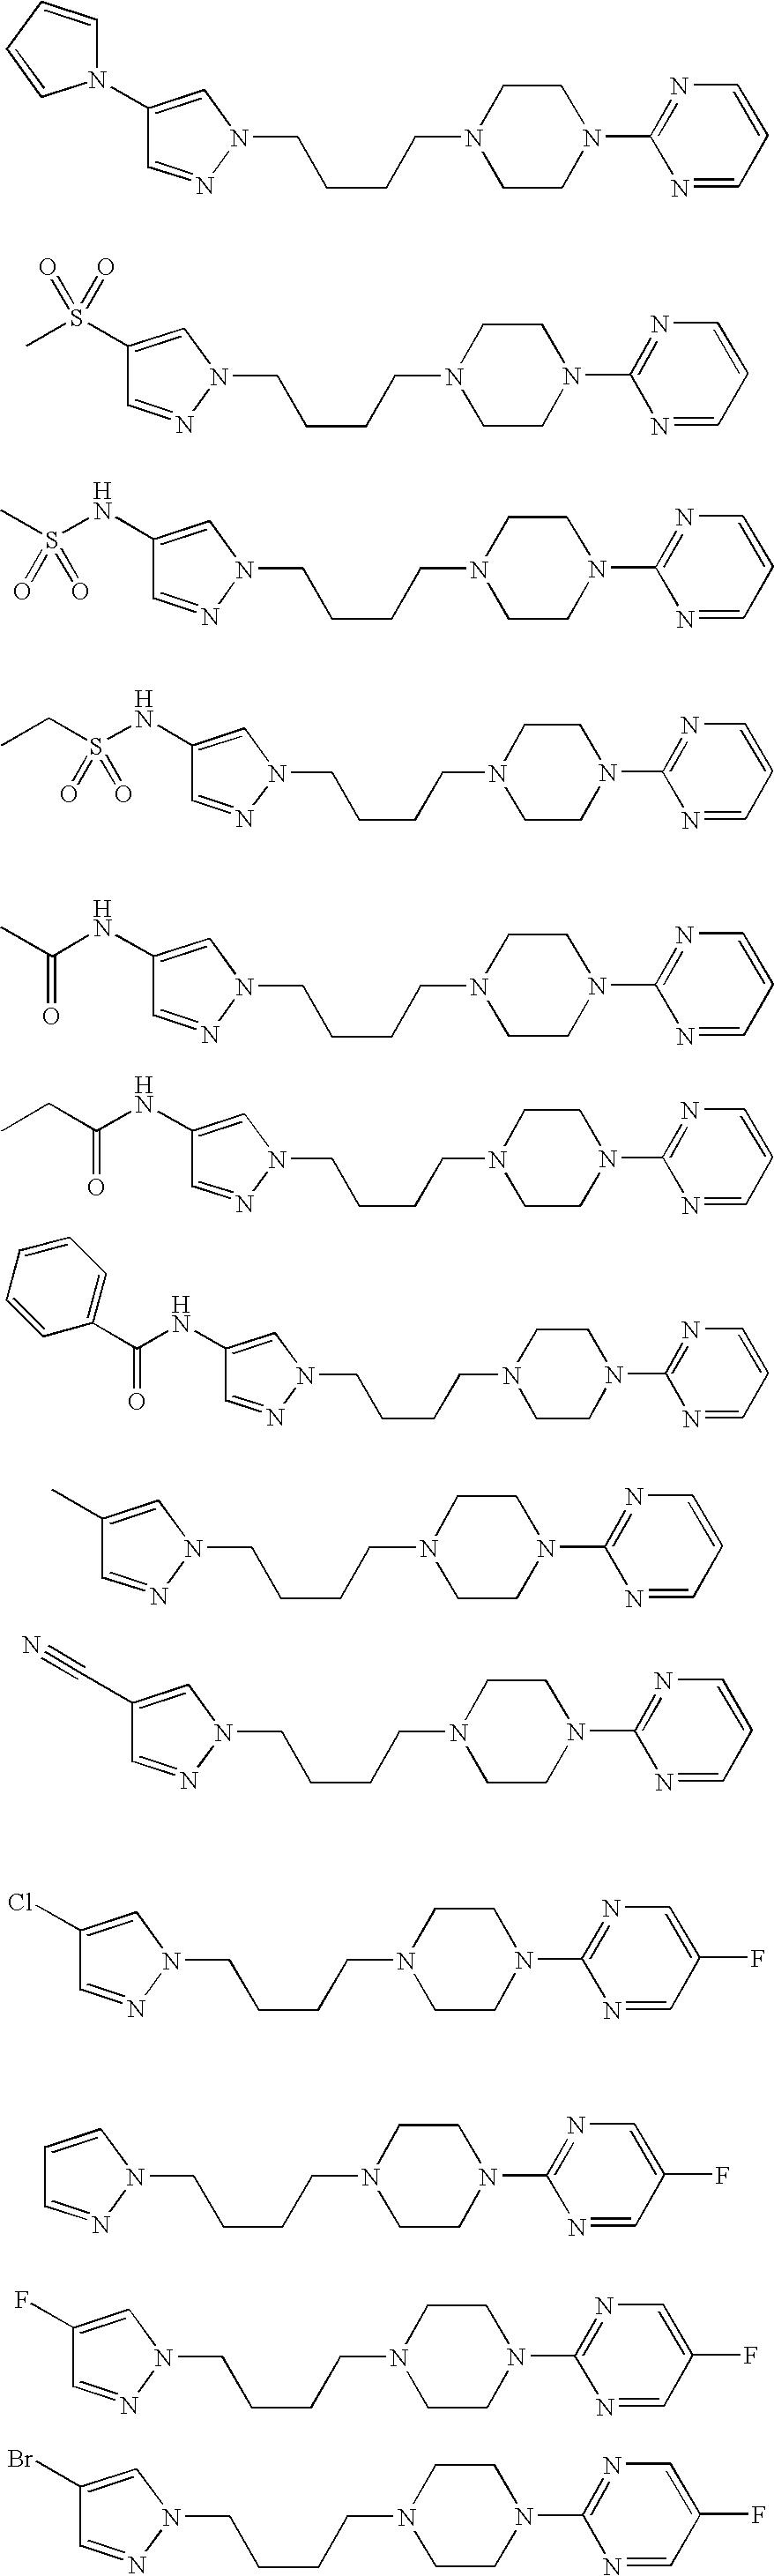 Figure US20100009983A1-20100114-C00050